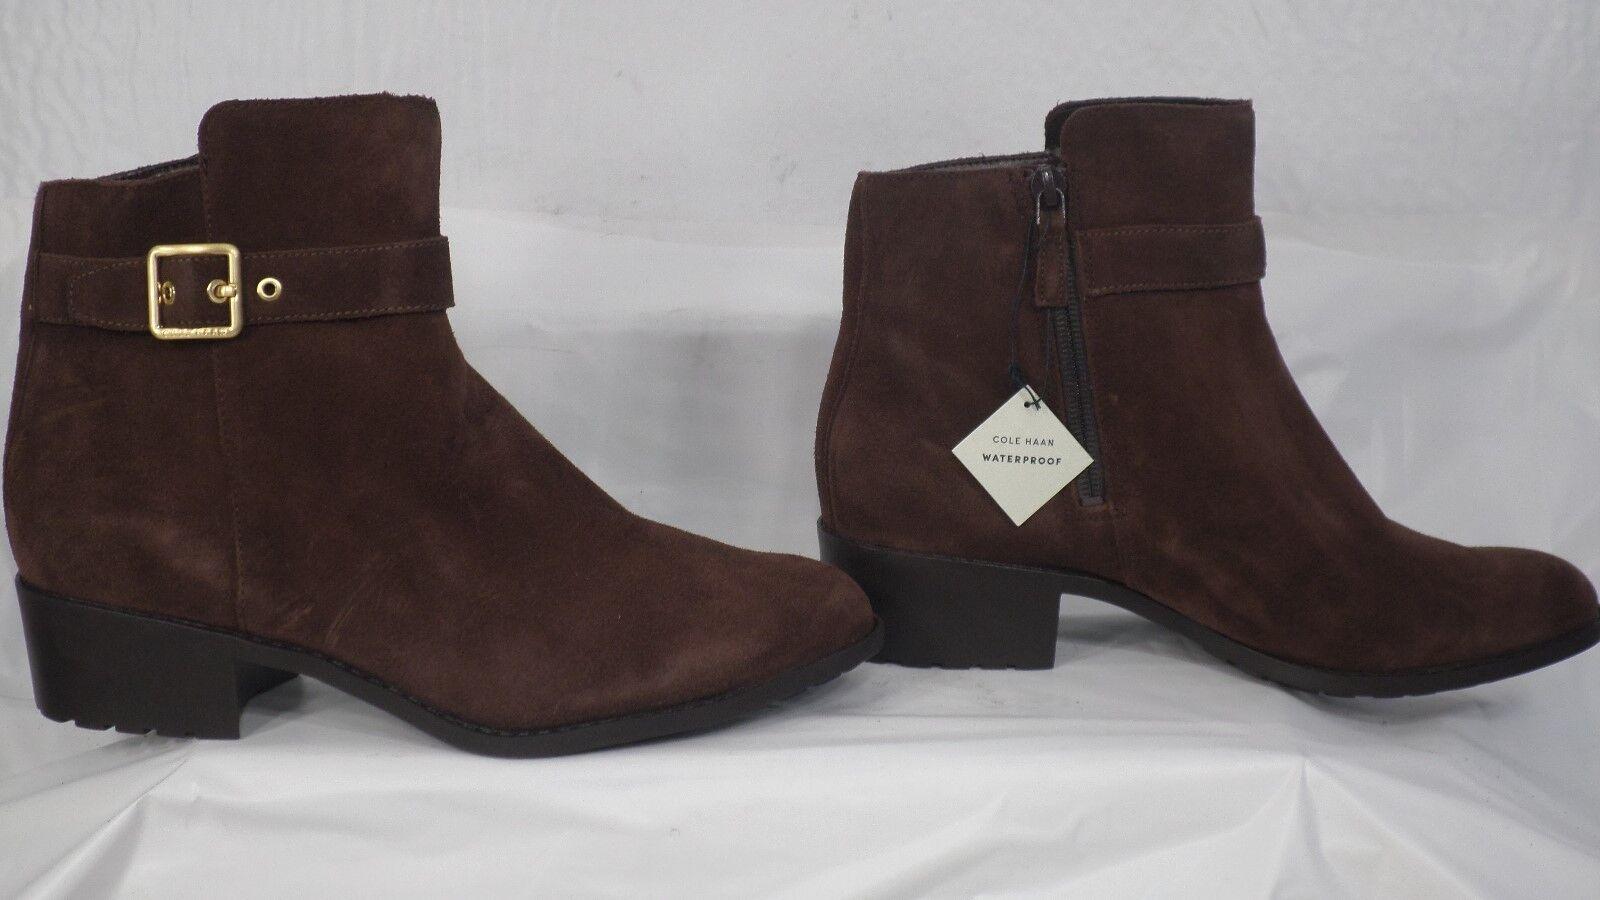 Cole Haan 'Indiana' Chestnut Braun Suede Waterproof Ankle Boot Damens Größe 8.5 B